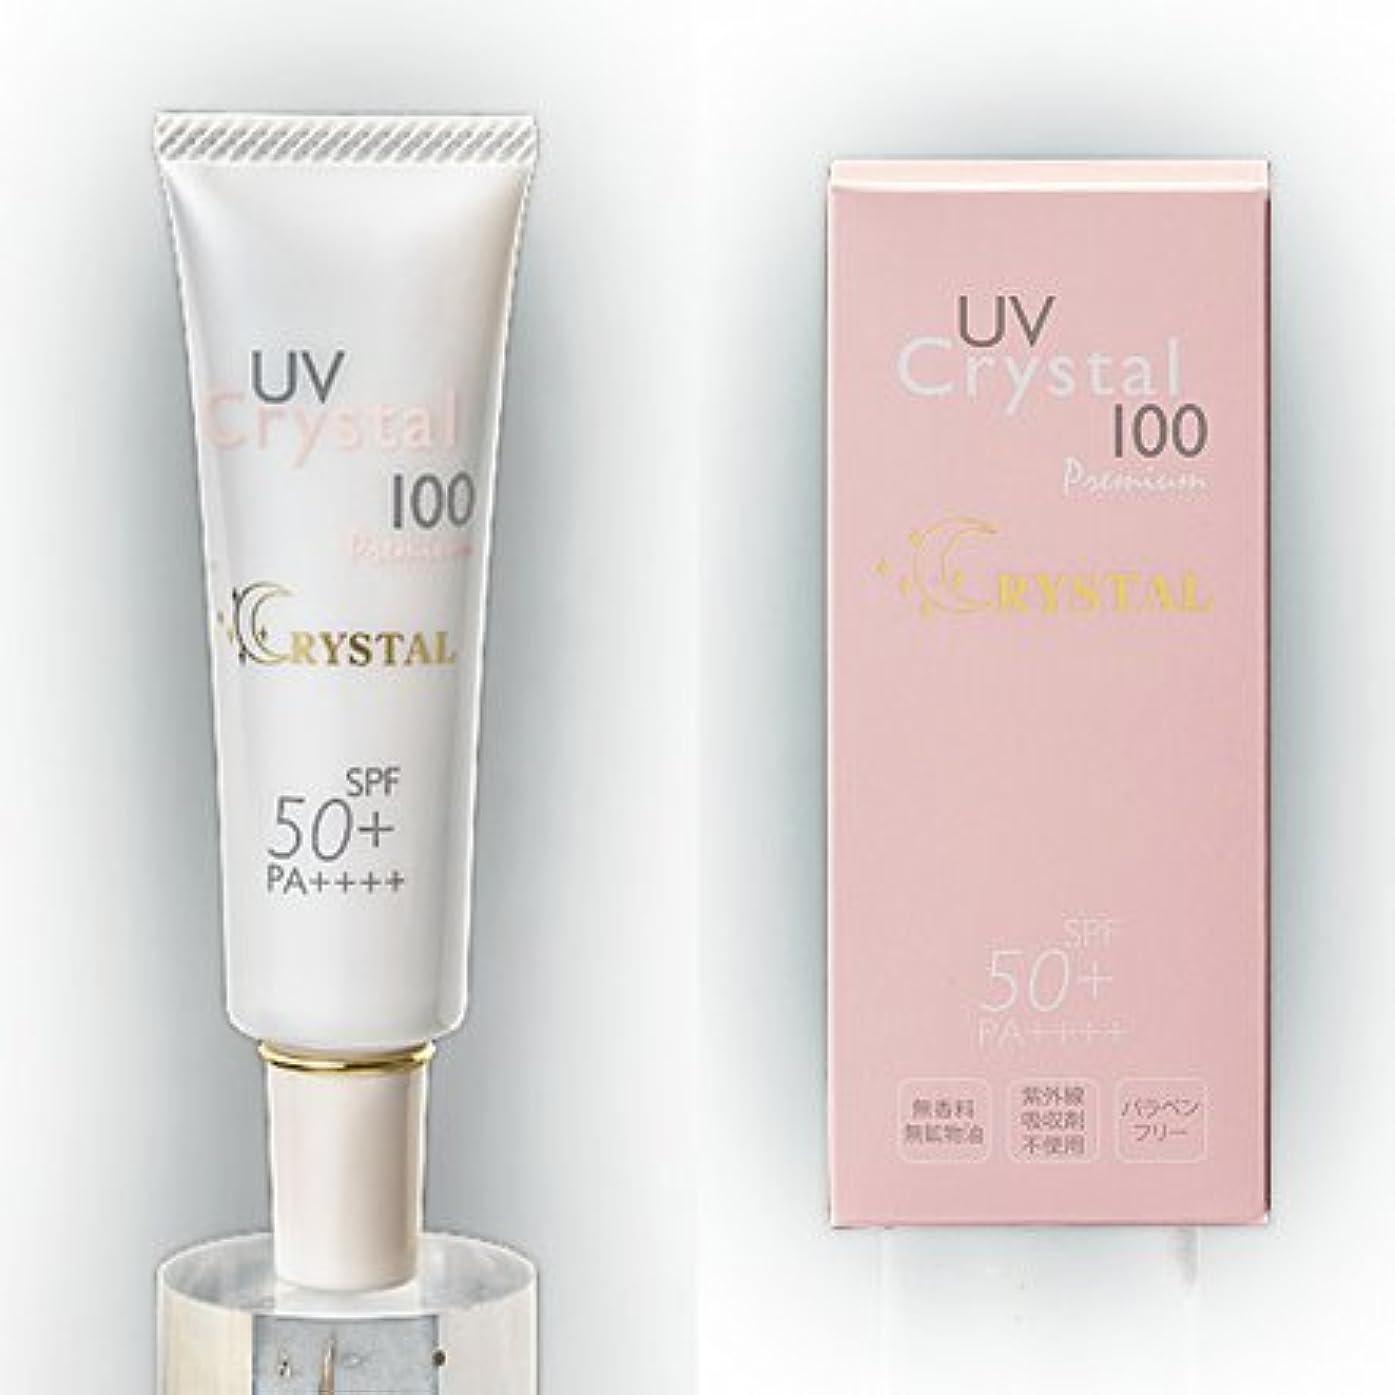 魔法つらい胚UVクリスタル100 プレミアム30g 日焼け止めクリーム 日焼け止め 敏感肌 UVクリーム